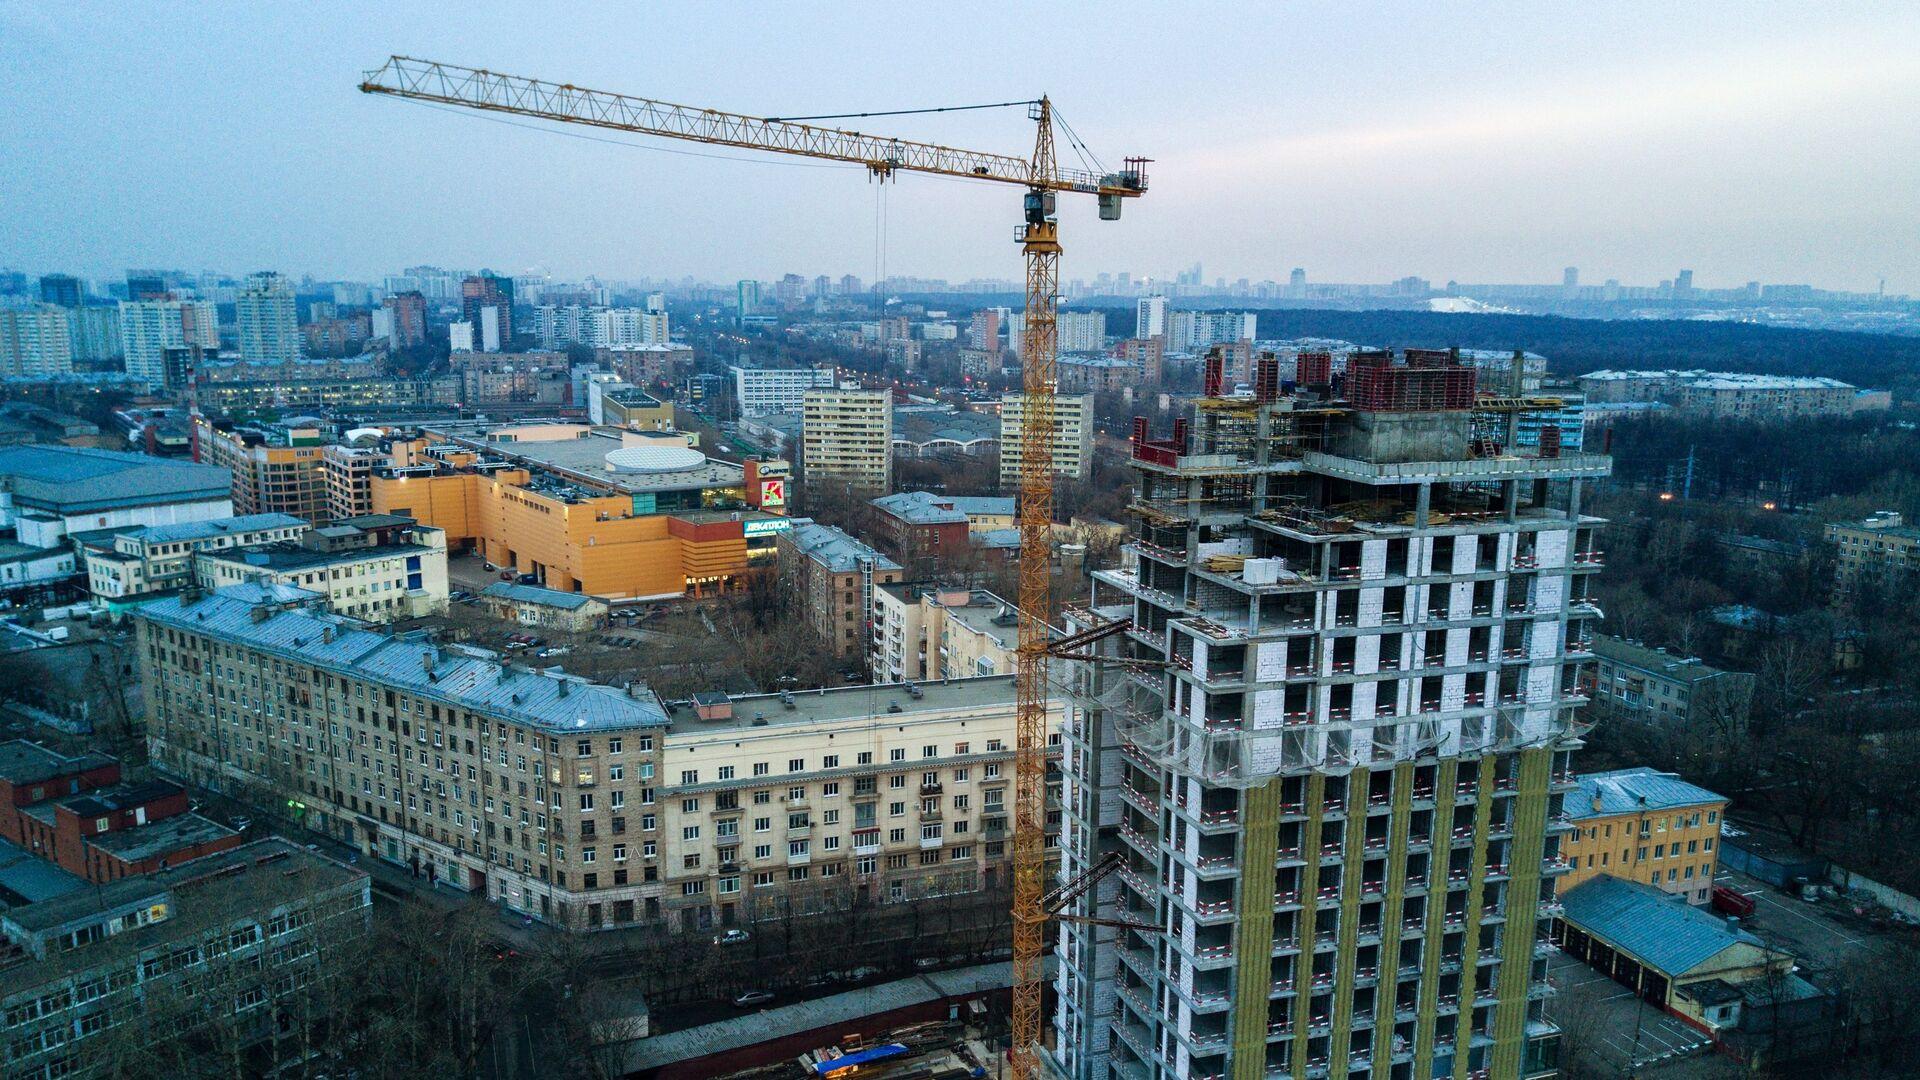 Строительство жилья - РИА Новости, 1920, 21.08.2020